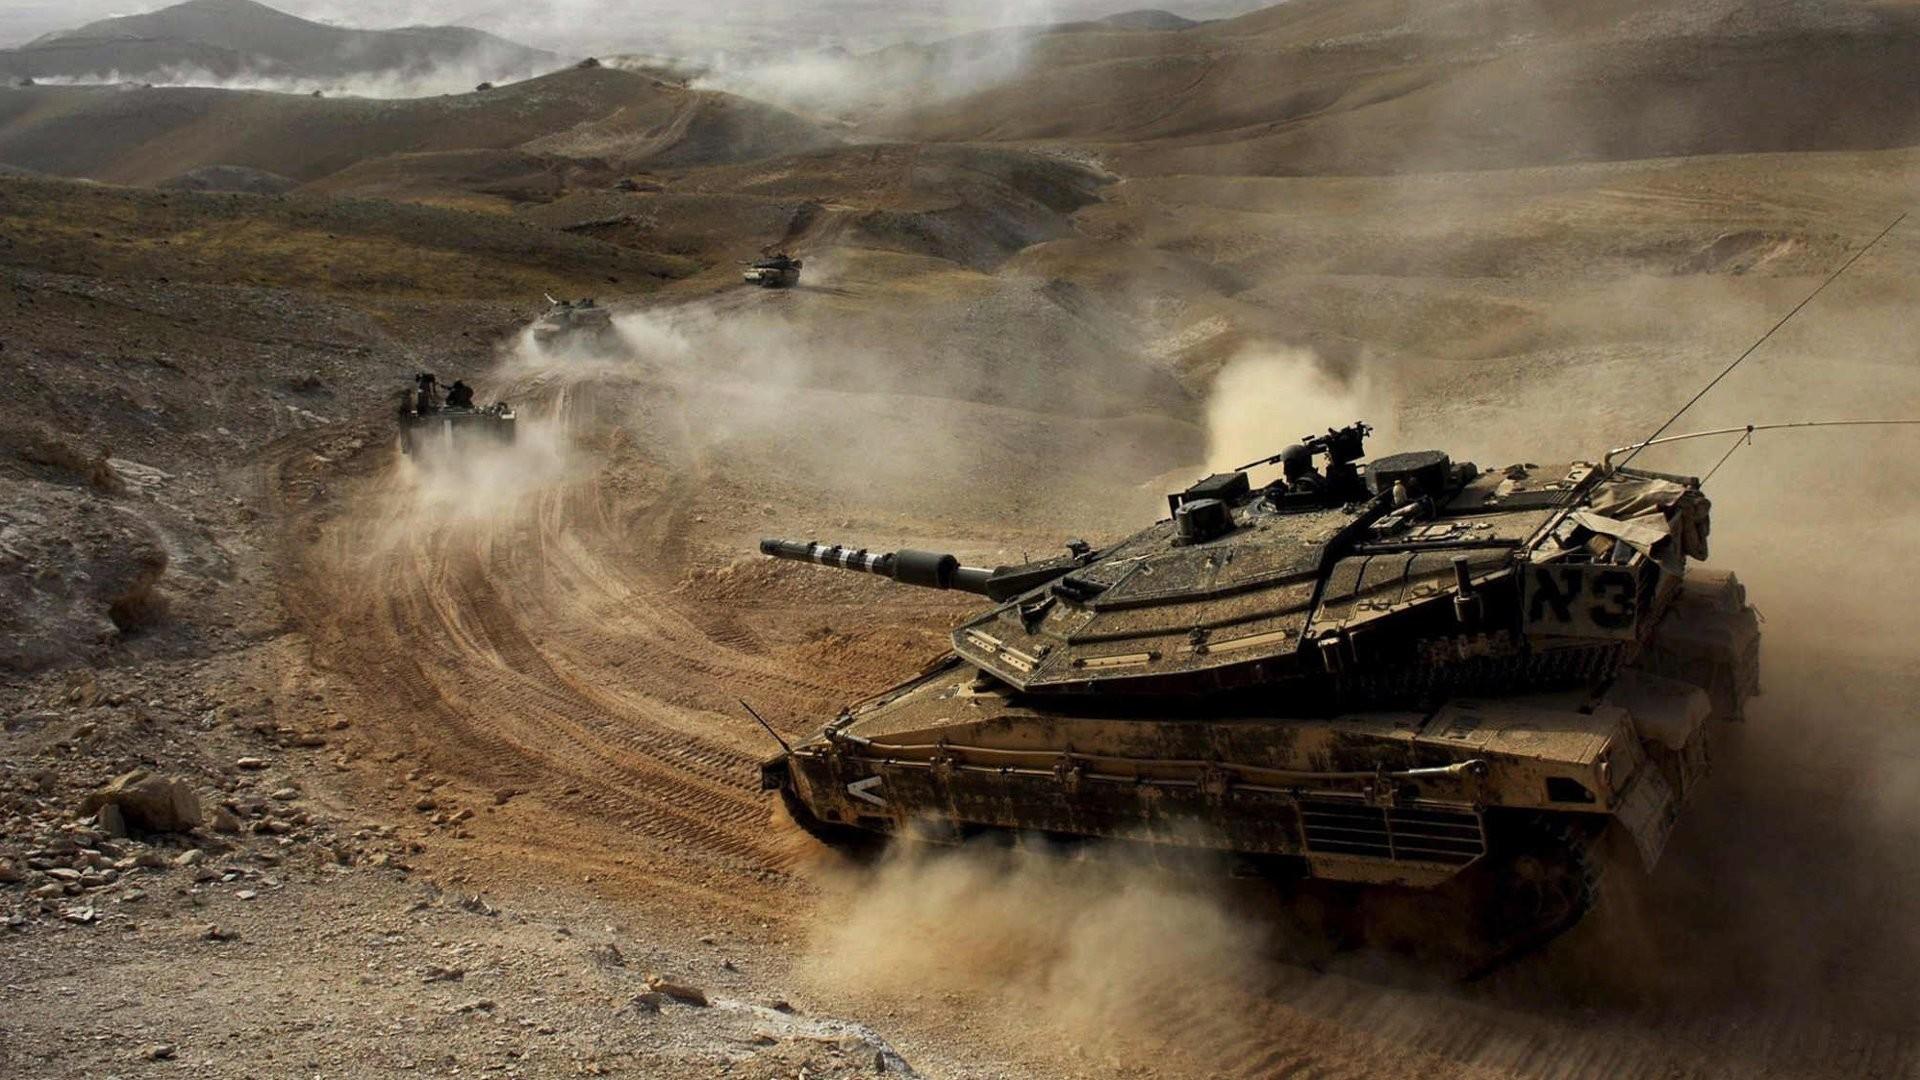 Sand Israel merkava tanks dust roads idf wallpaper | | 339609 |  WallpaperUP